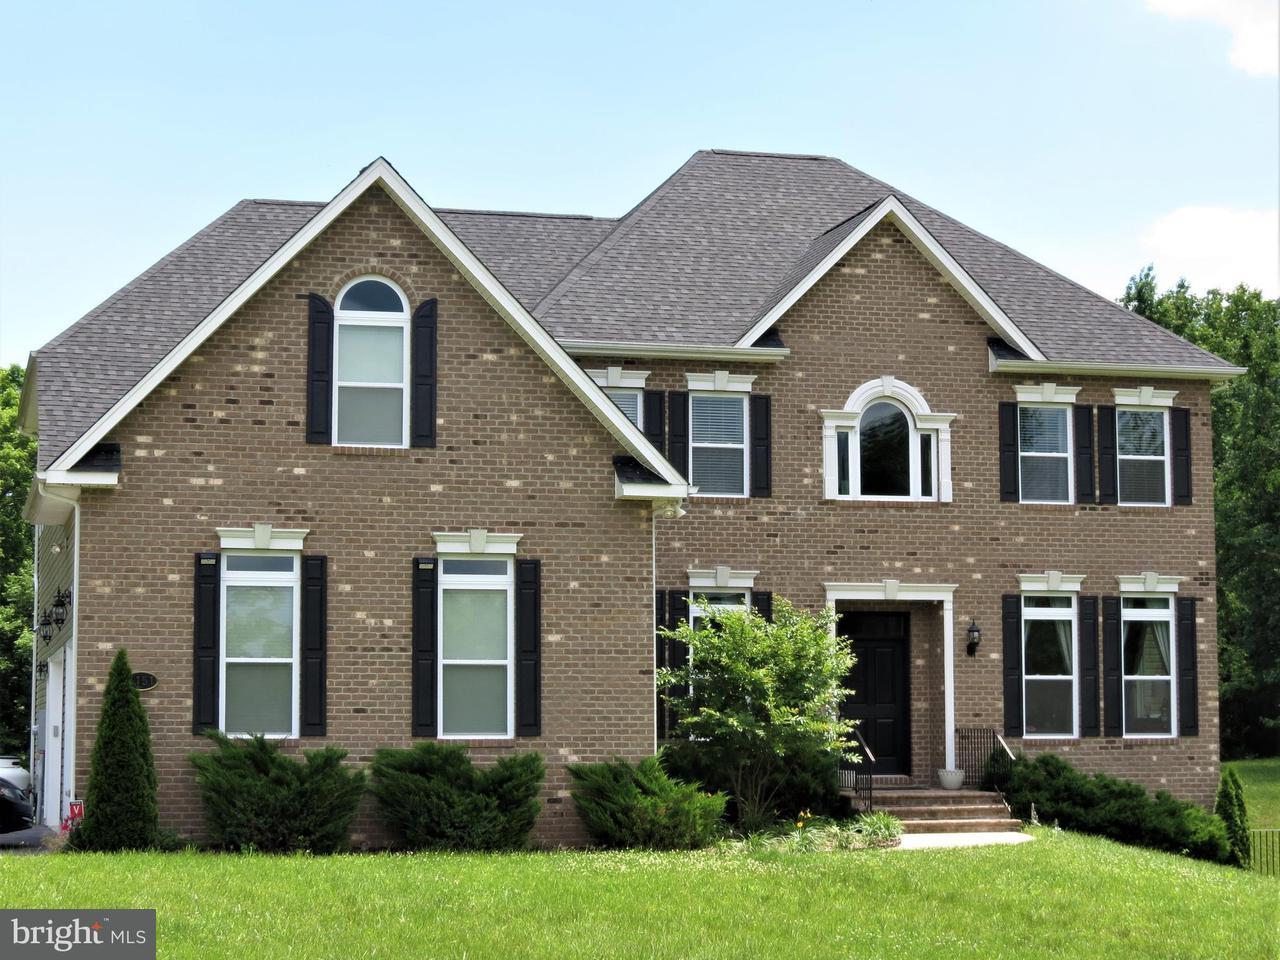 一戸建て のために 売買 アット 6151 Federal Oak Drive 6151 Federal Oak Drive Sunderland, メリーランド 20689 アメリカ合衆国